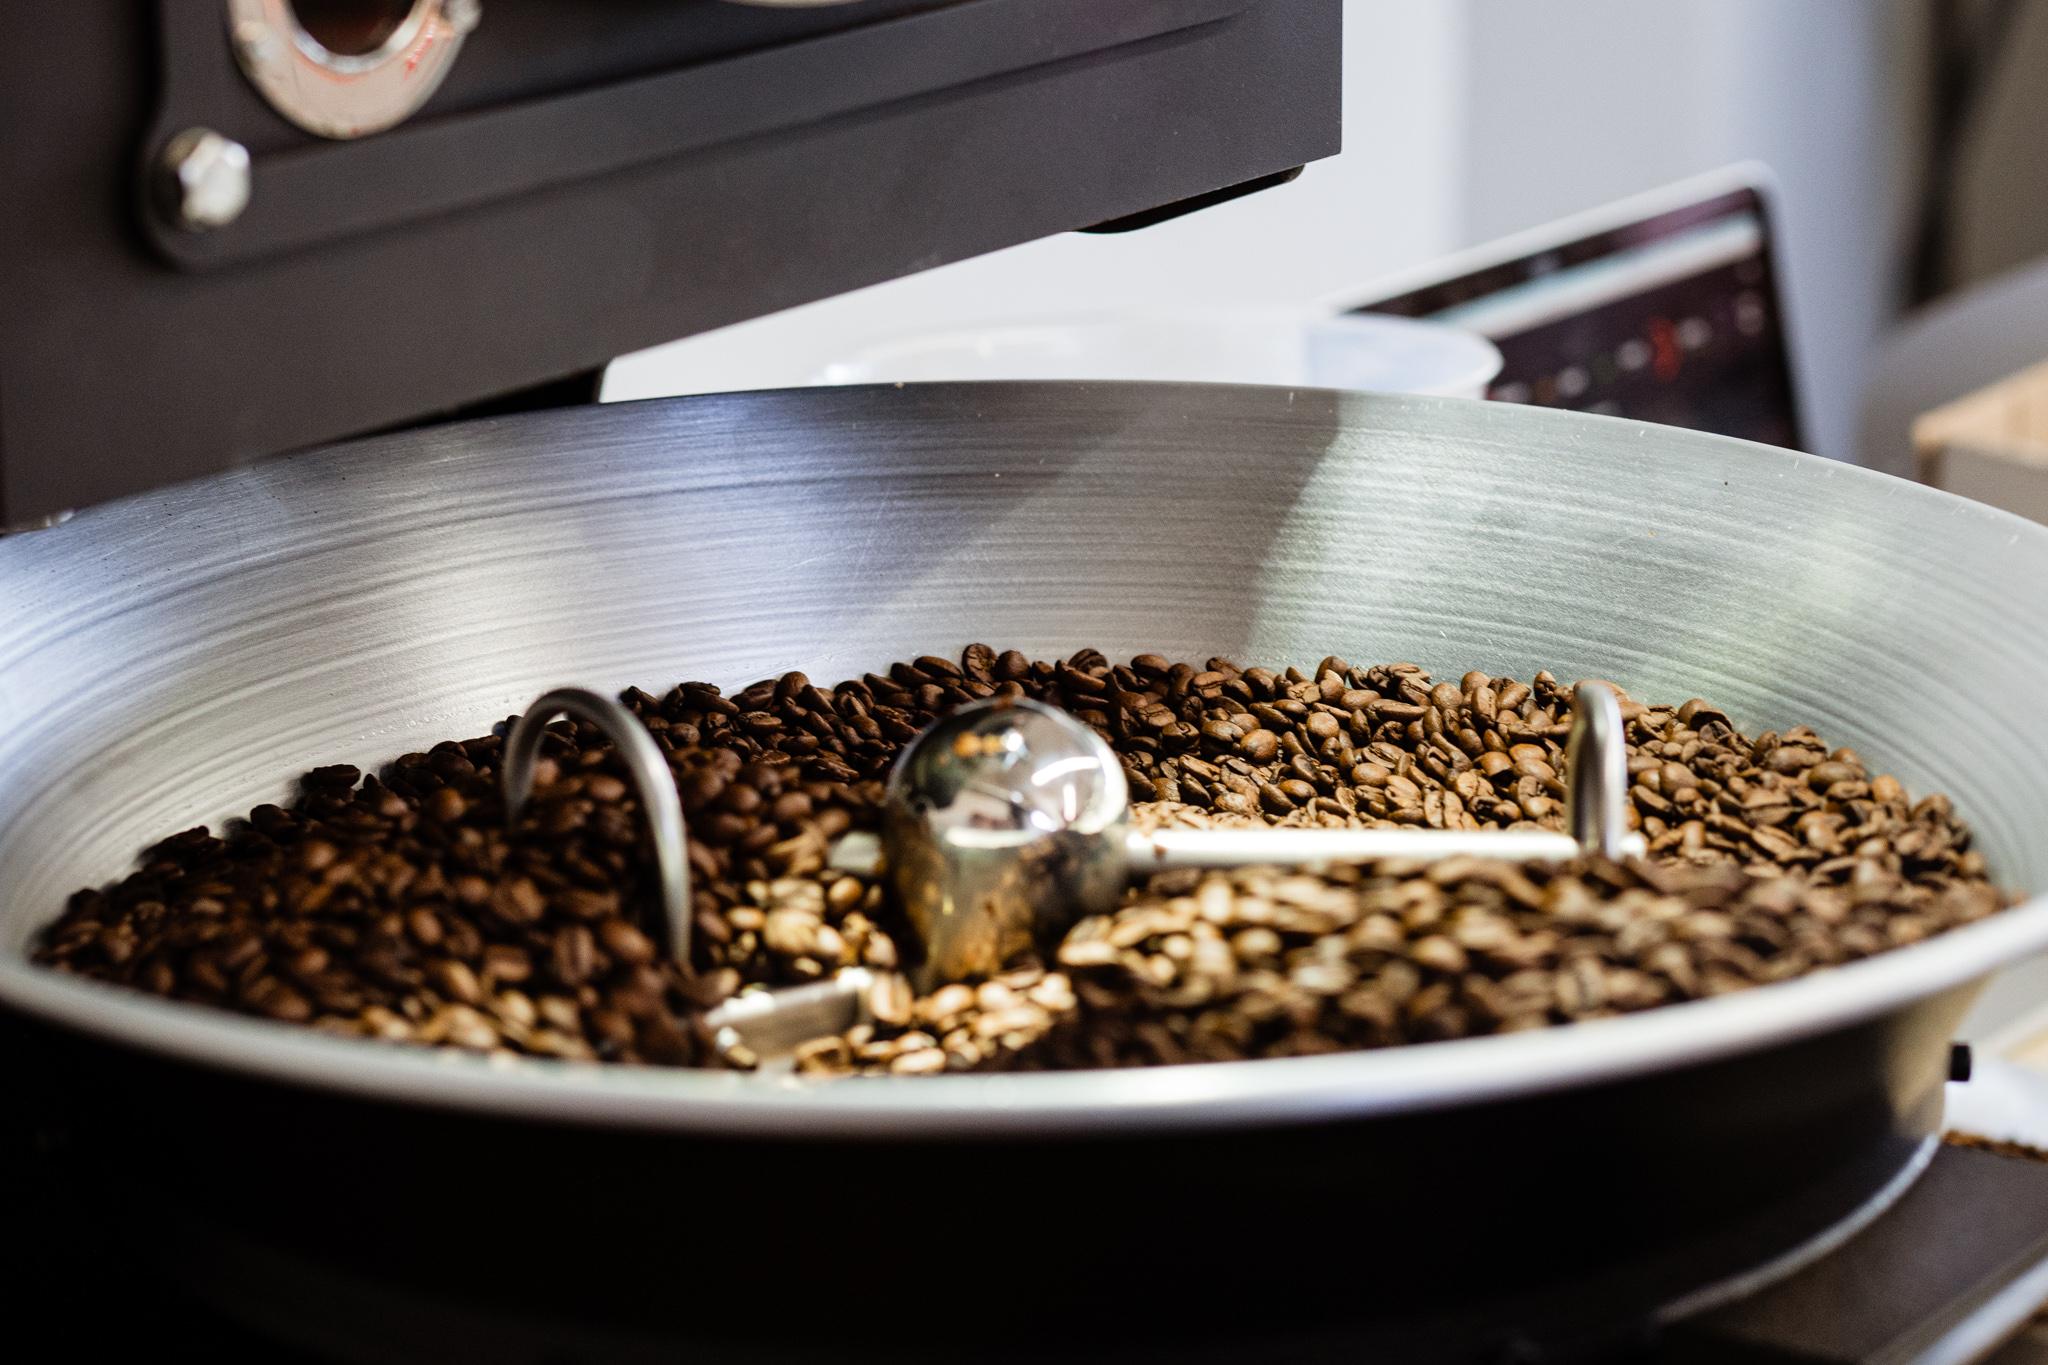 Roestprozess_Abkuehlung_Kaffeebohnen